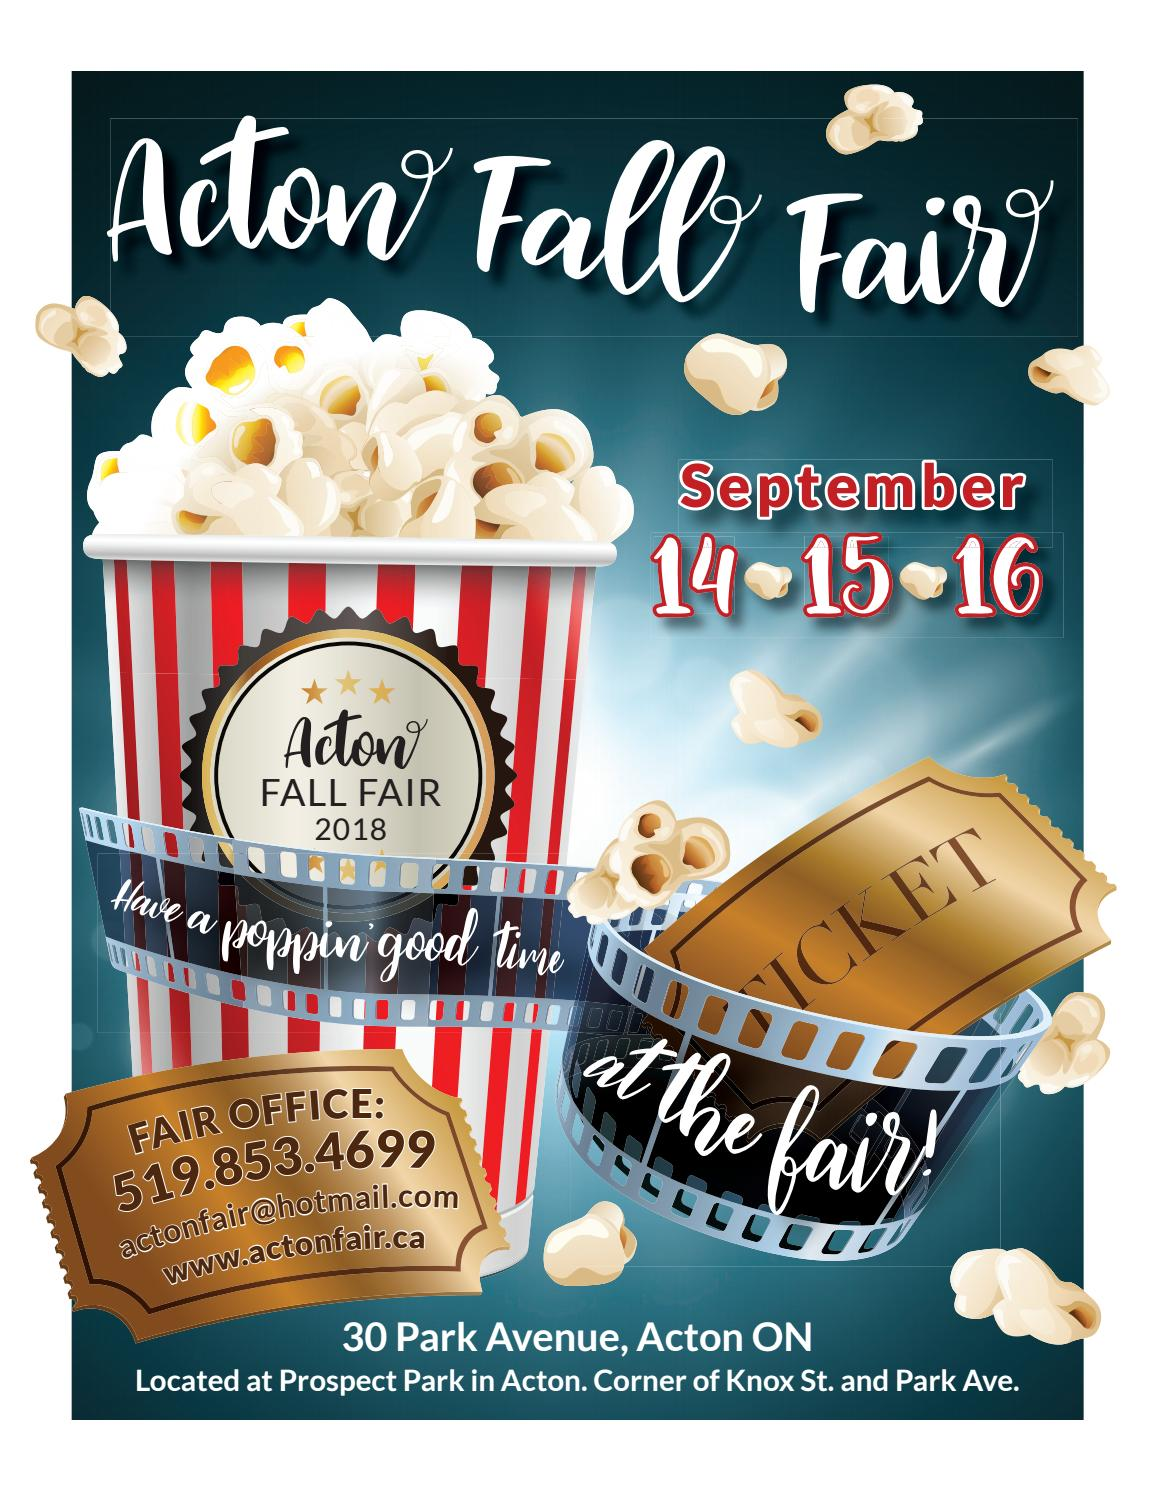 Acton Fall Fair 2018 by WHA Publications Ltd  - issuu